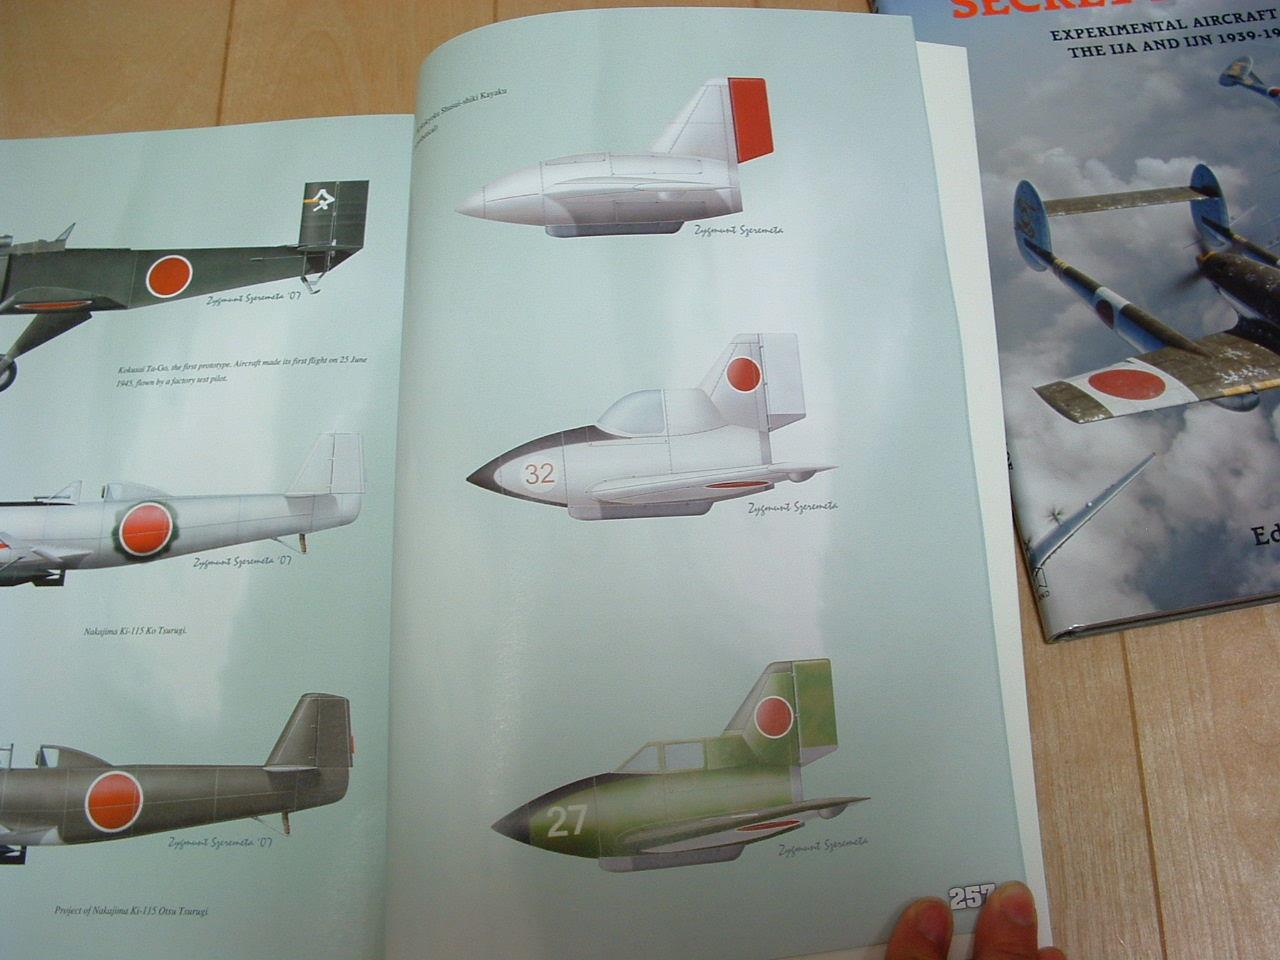 秋水式火薬ロケット - JapaneseC...